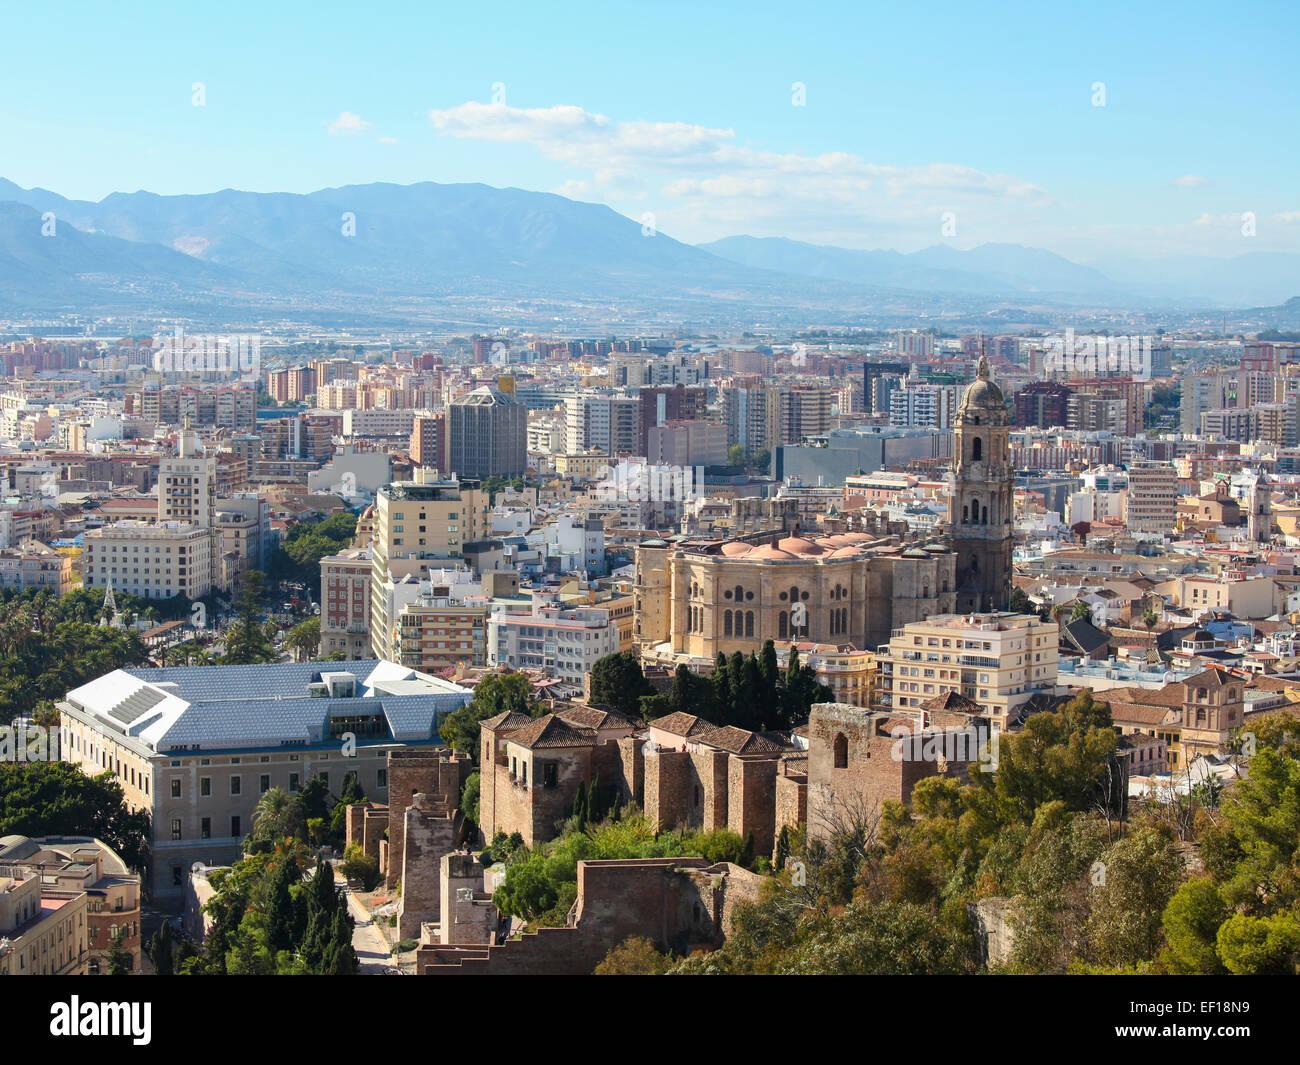 Vue aérienne sur le centre et la cathédrale de Malaga, Andalousie, espagne. Photo Stock